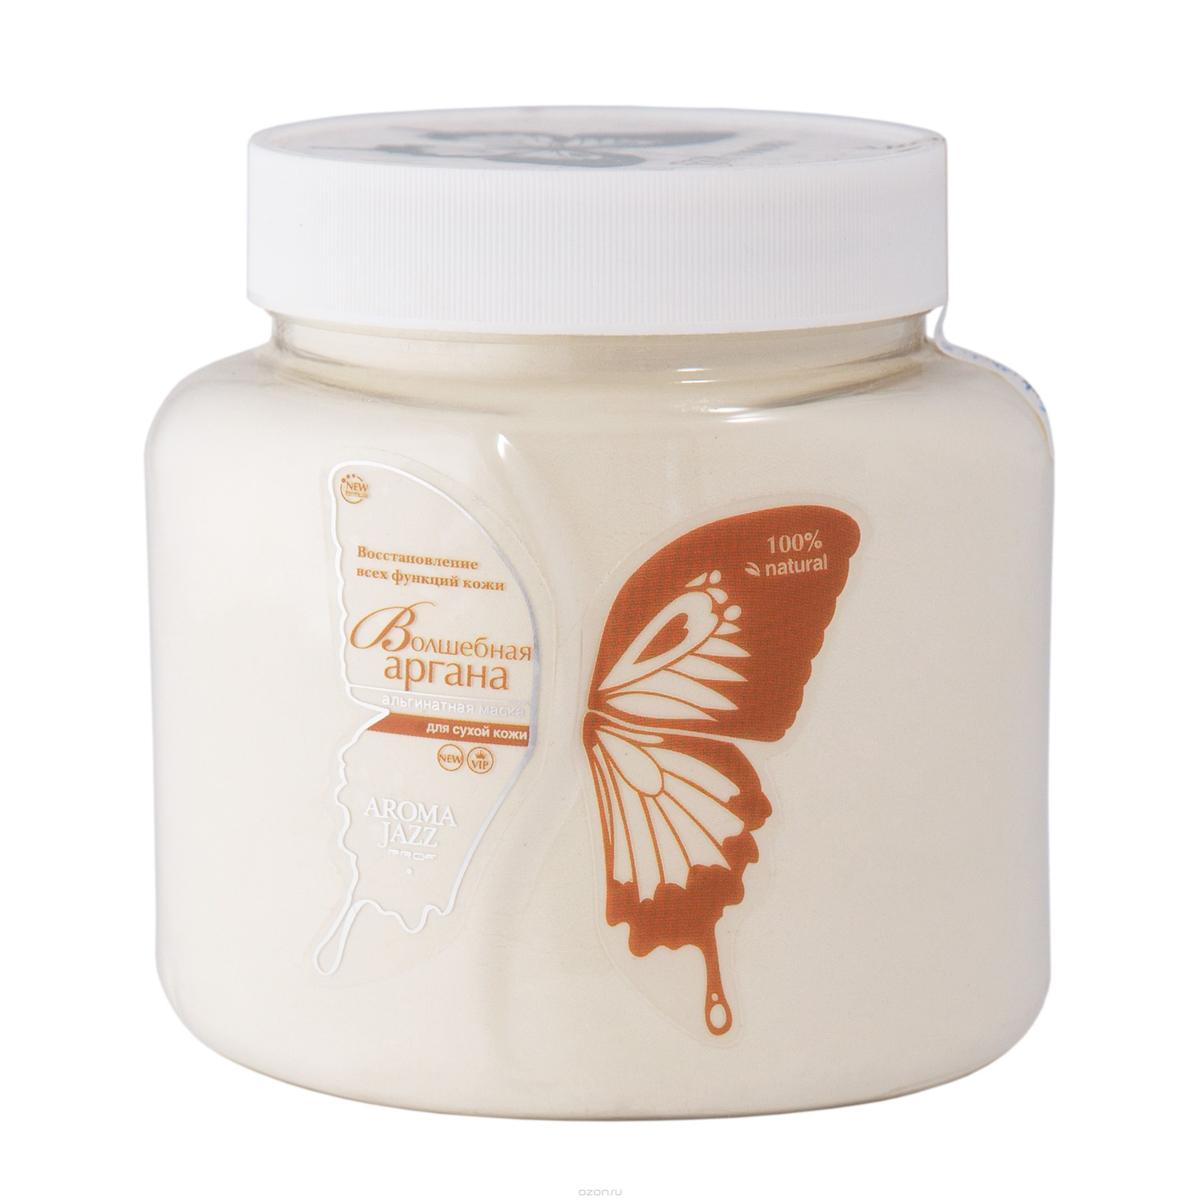 Aroma Jazz Пластифицирующая альгинатная маска для лица Волшебная аргана, 700 мл2820Действие: масло интенсивно восстанавливает и увлажняет кожу, способствует насыщению клеток кислородом, обладает антиоксидантным действием, улучшает структуру кожи и выравнивает цвет лица. Маска не требует смывания водой. Через 30 минут она легко снимается в виде мягкого пластичного слепка. Противопоказания: индивидуальная непереносимость компонентов. Срок хранения: 24 месяца.